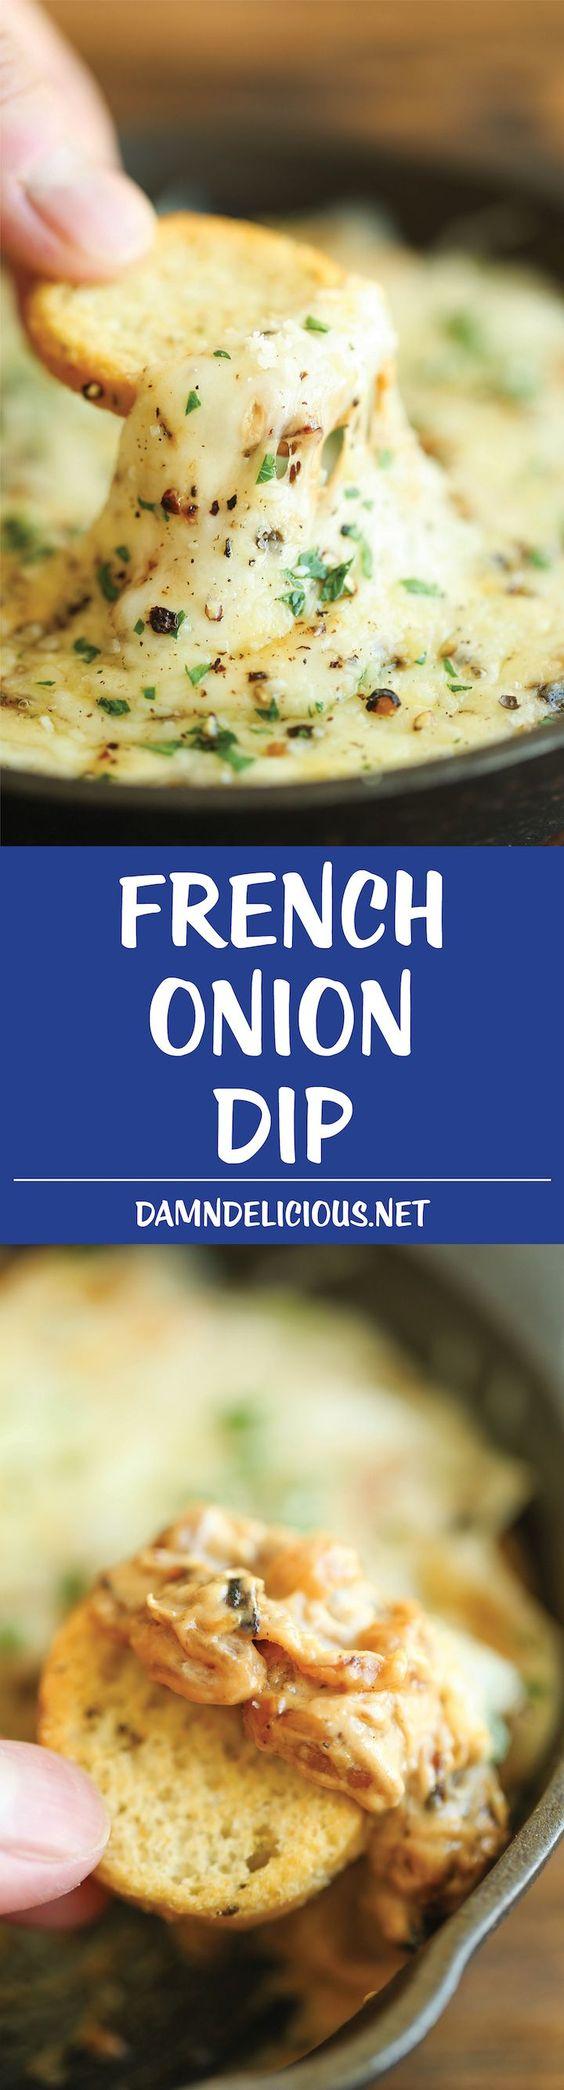 more onion dip french onion french onion dip french onion soups onion ...